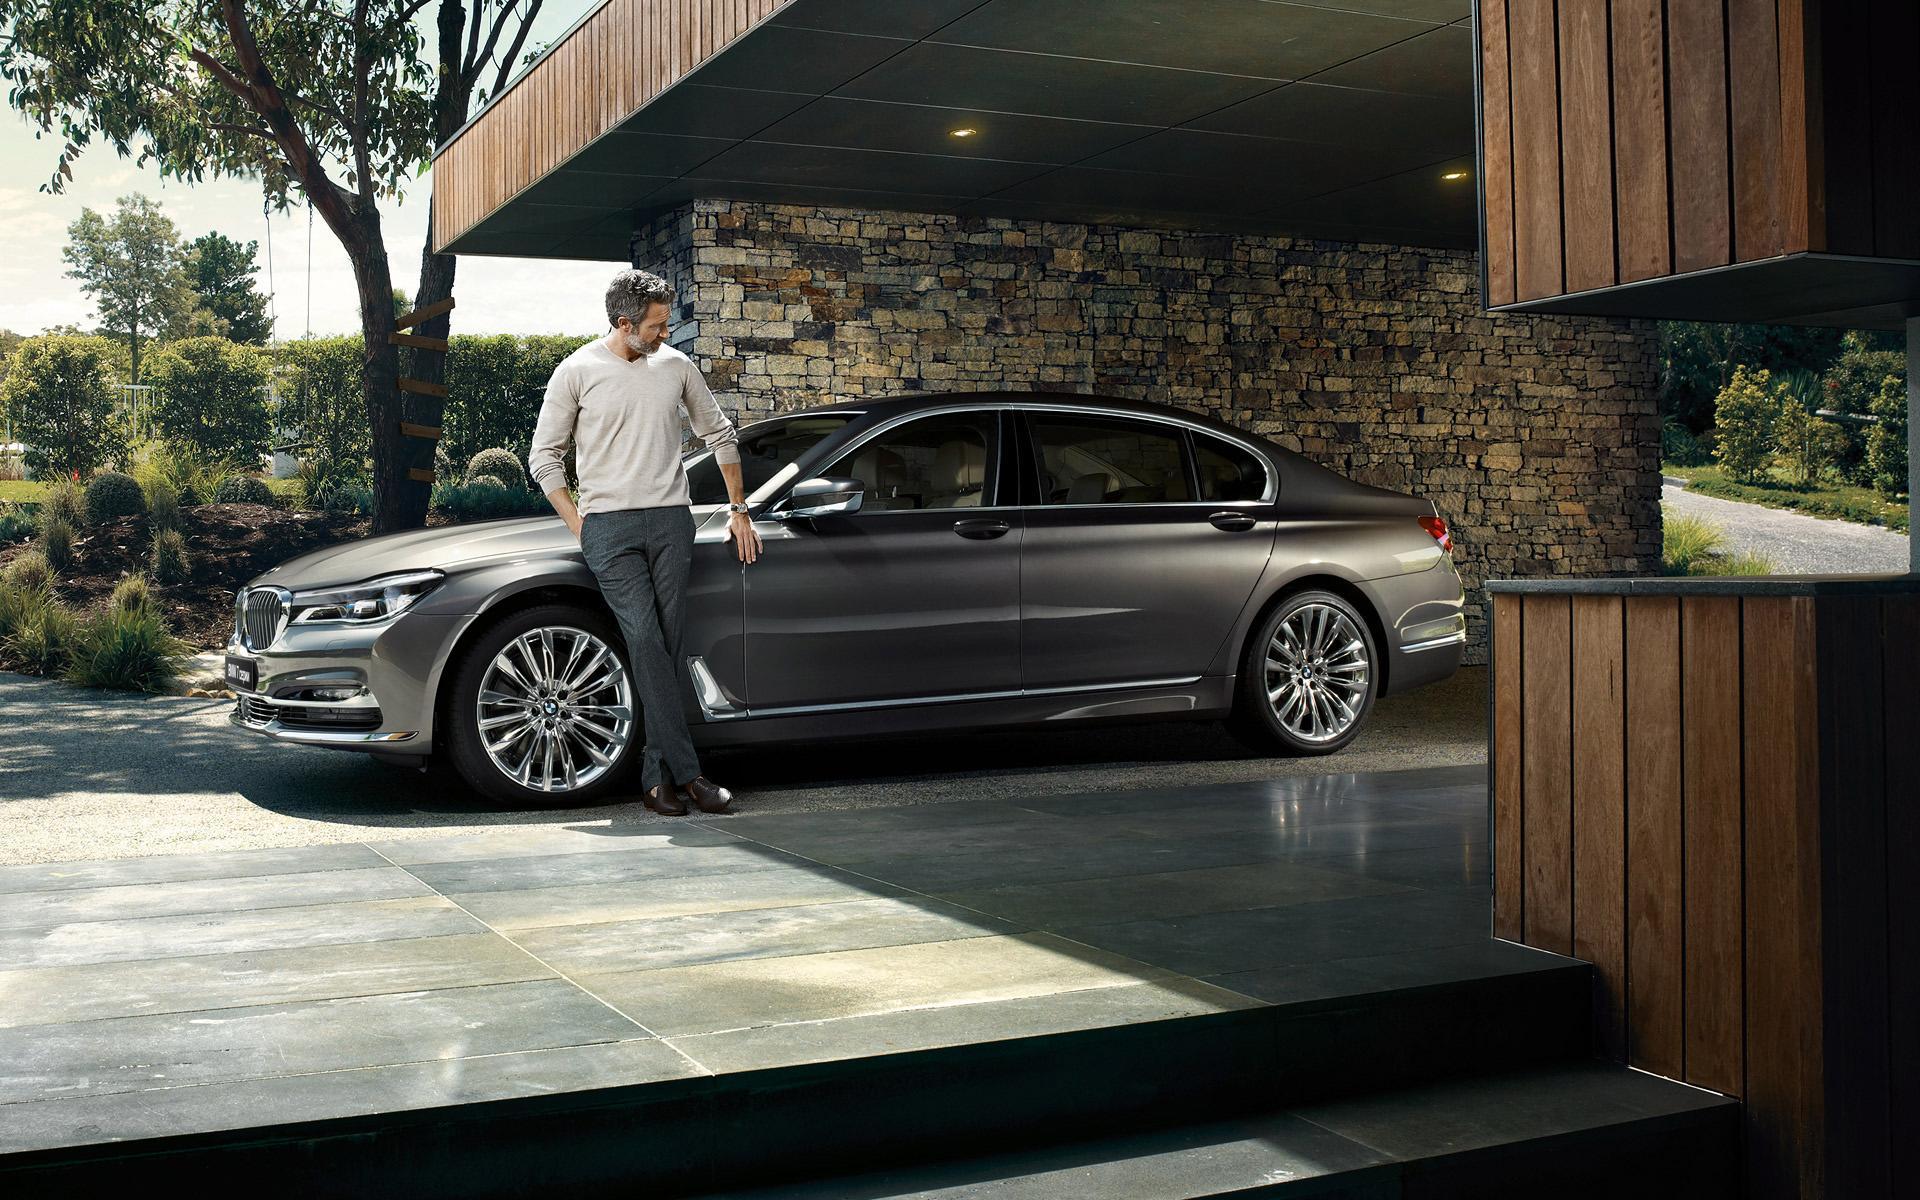 Новый BMW 7 серии демонстрирует наше понимание современной роскоши